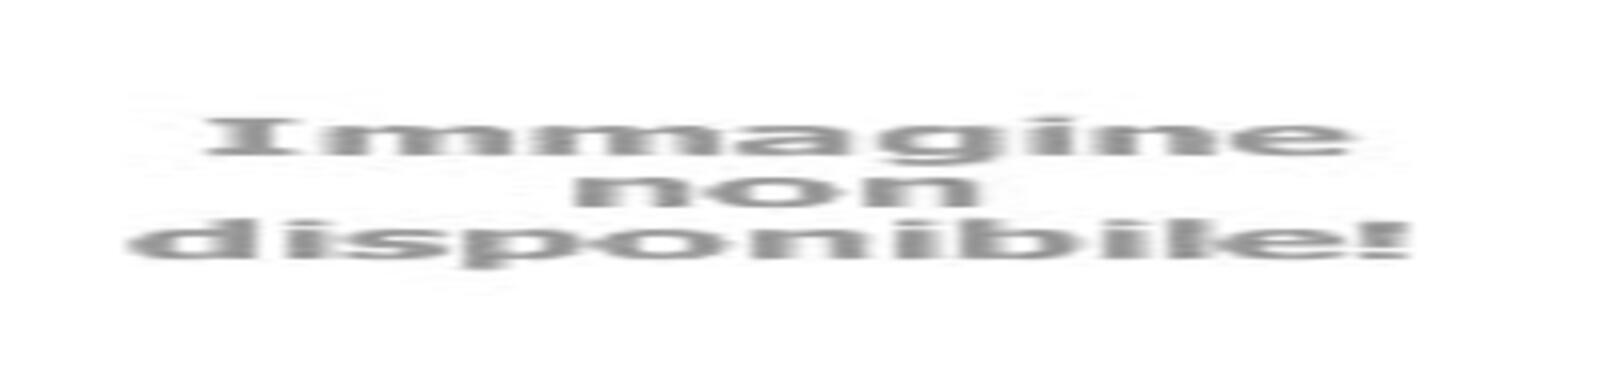 petronianaviaggi it lago-di-como-ville-e-giardini-v221 002